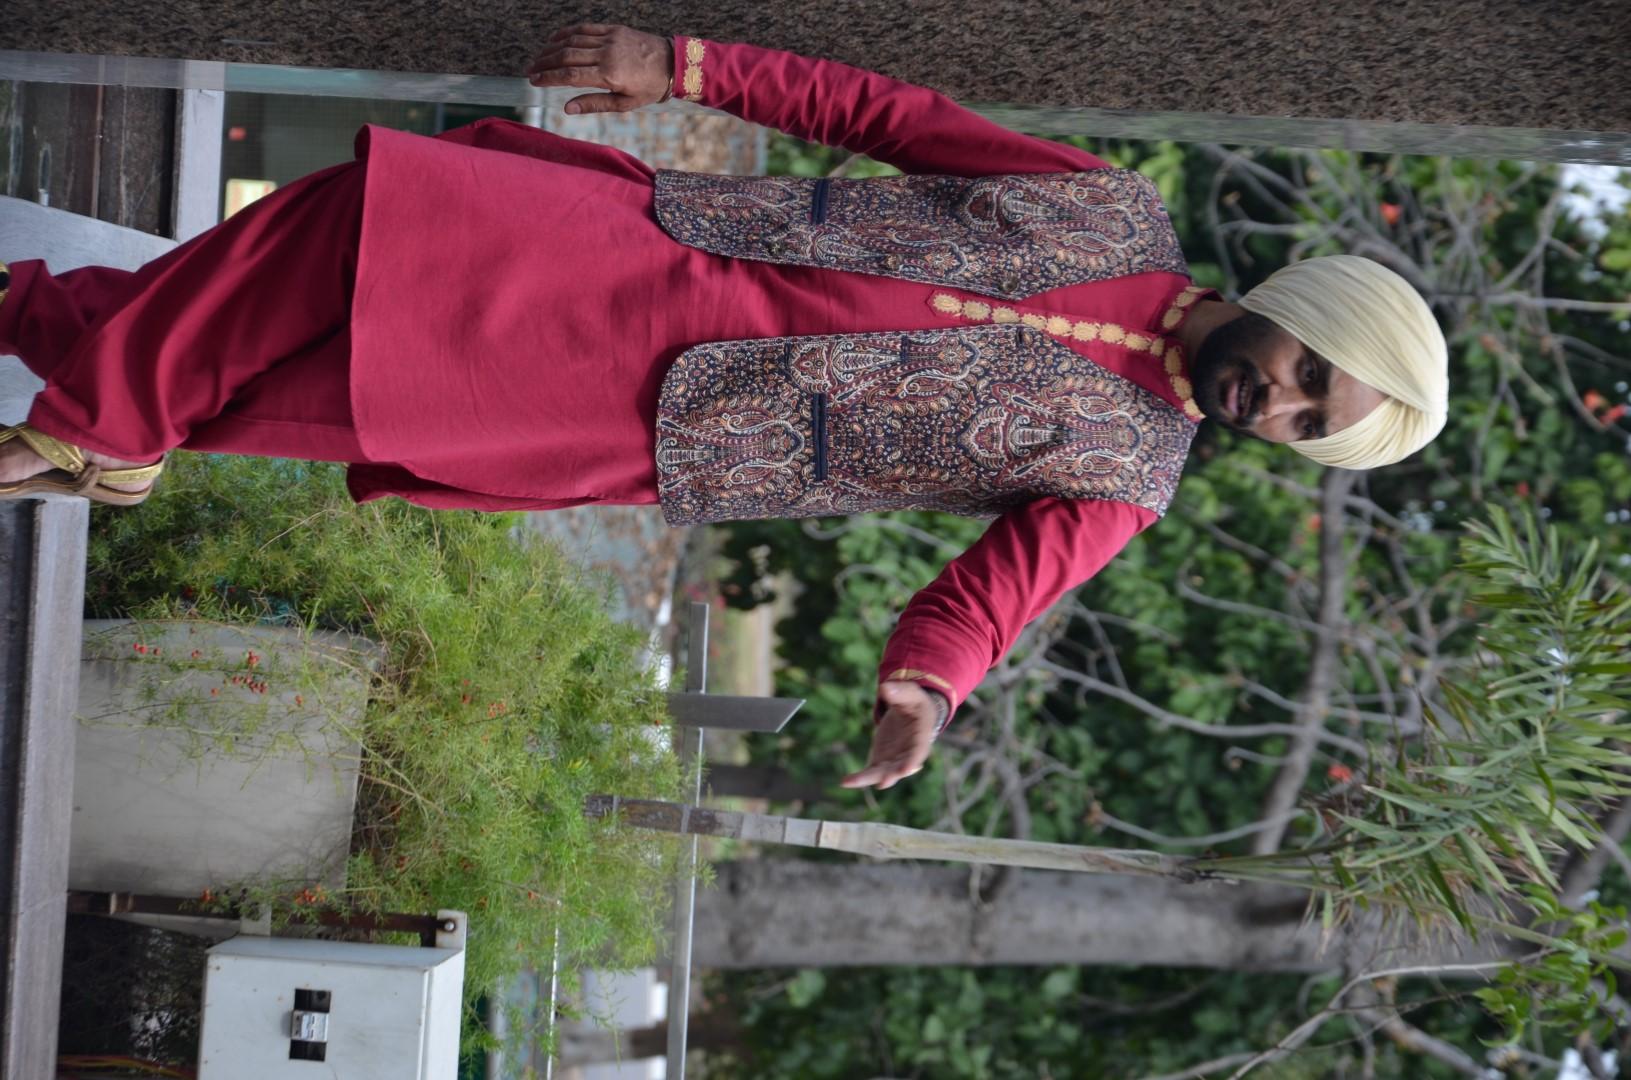 satinder sartaj posing1